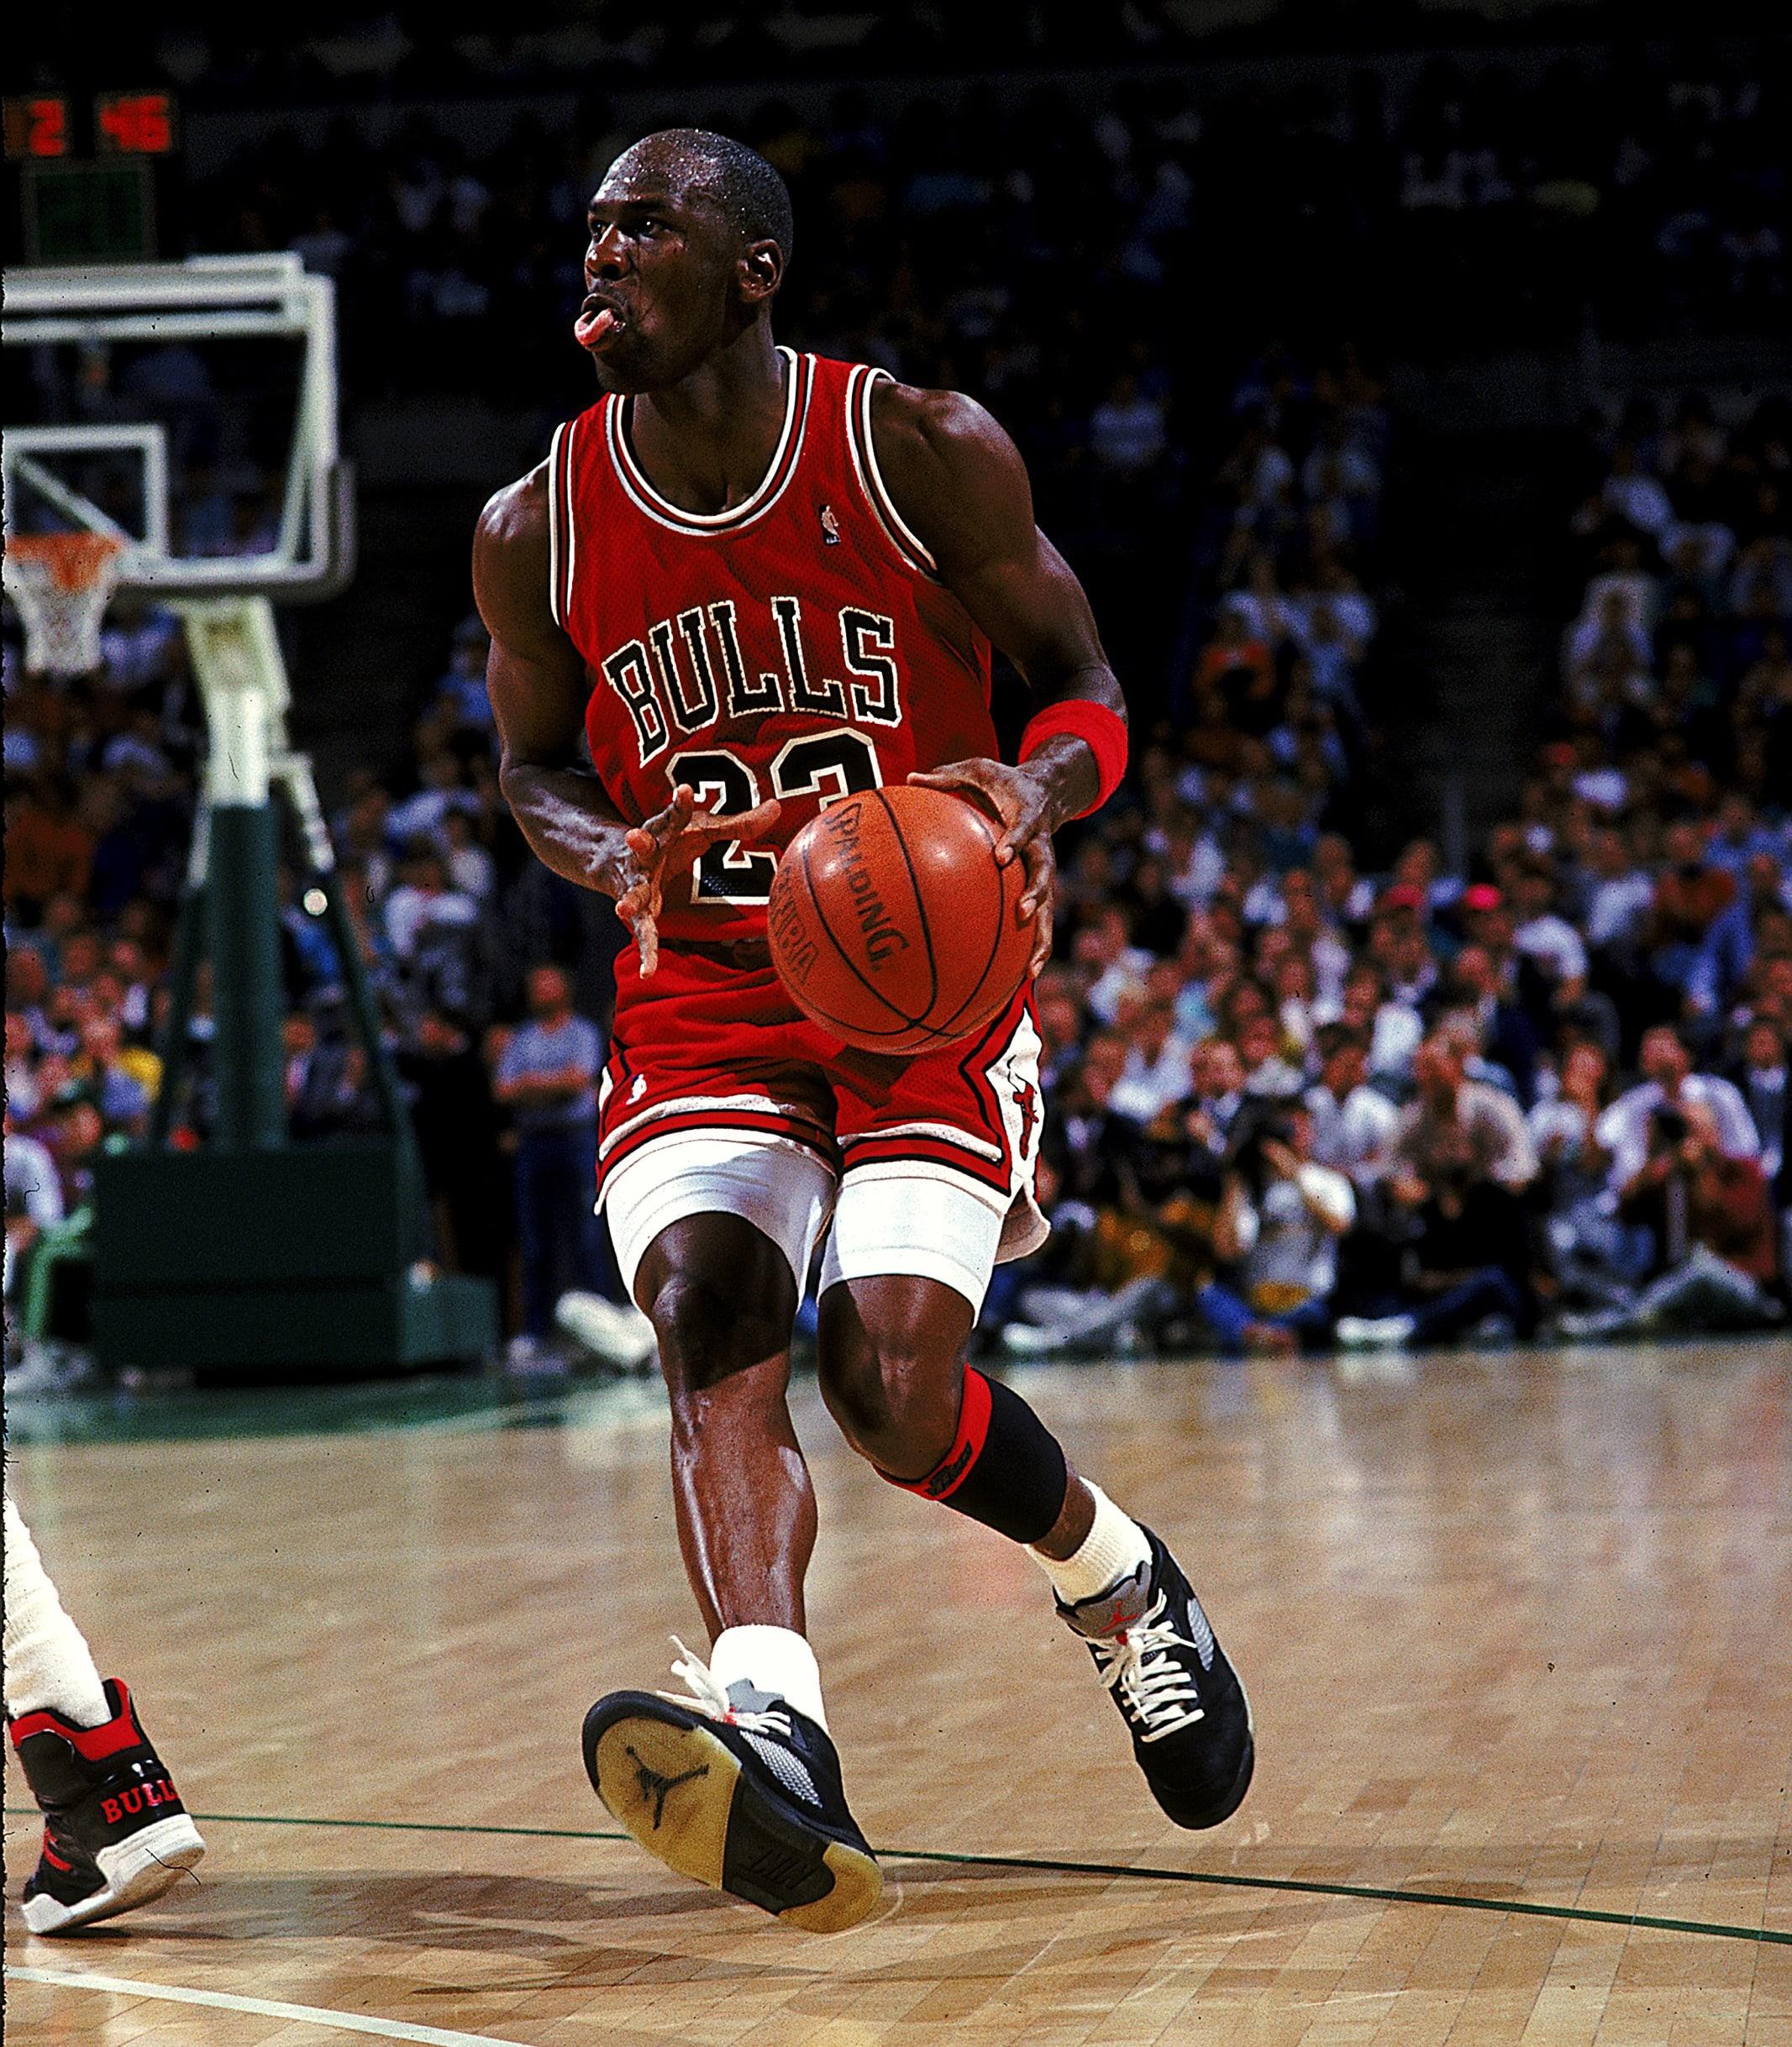 Michael Jordan Air Jordan 5